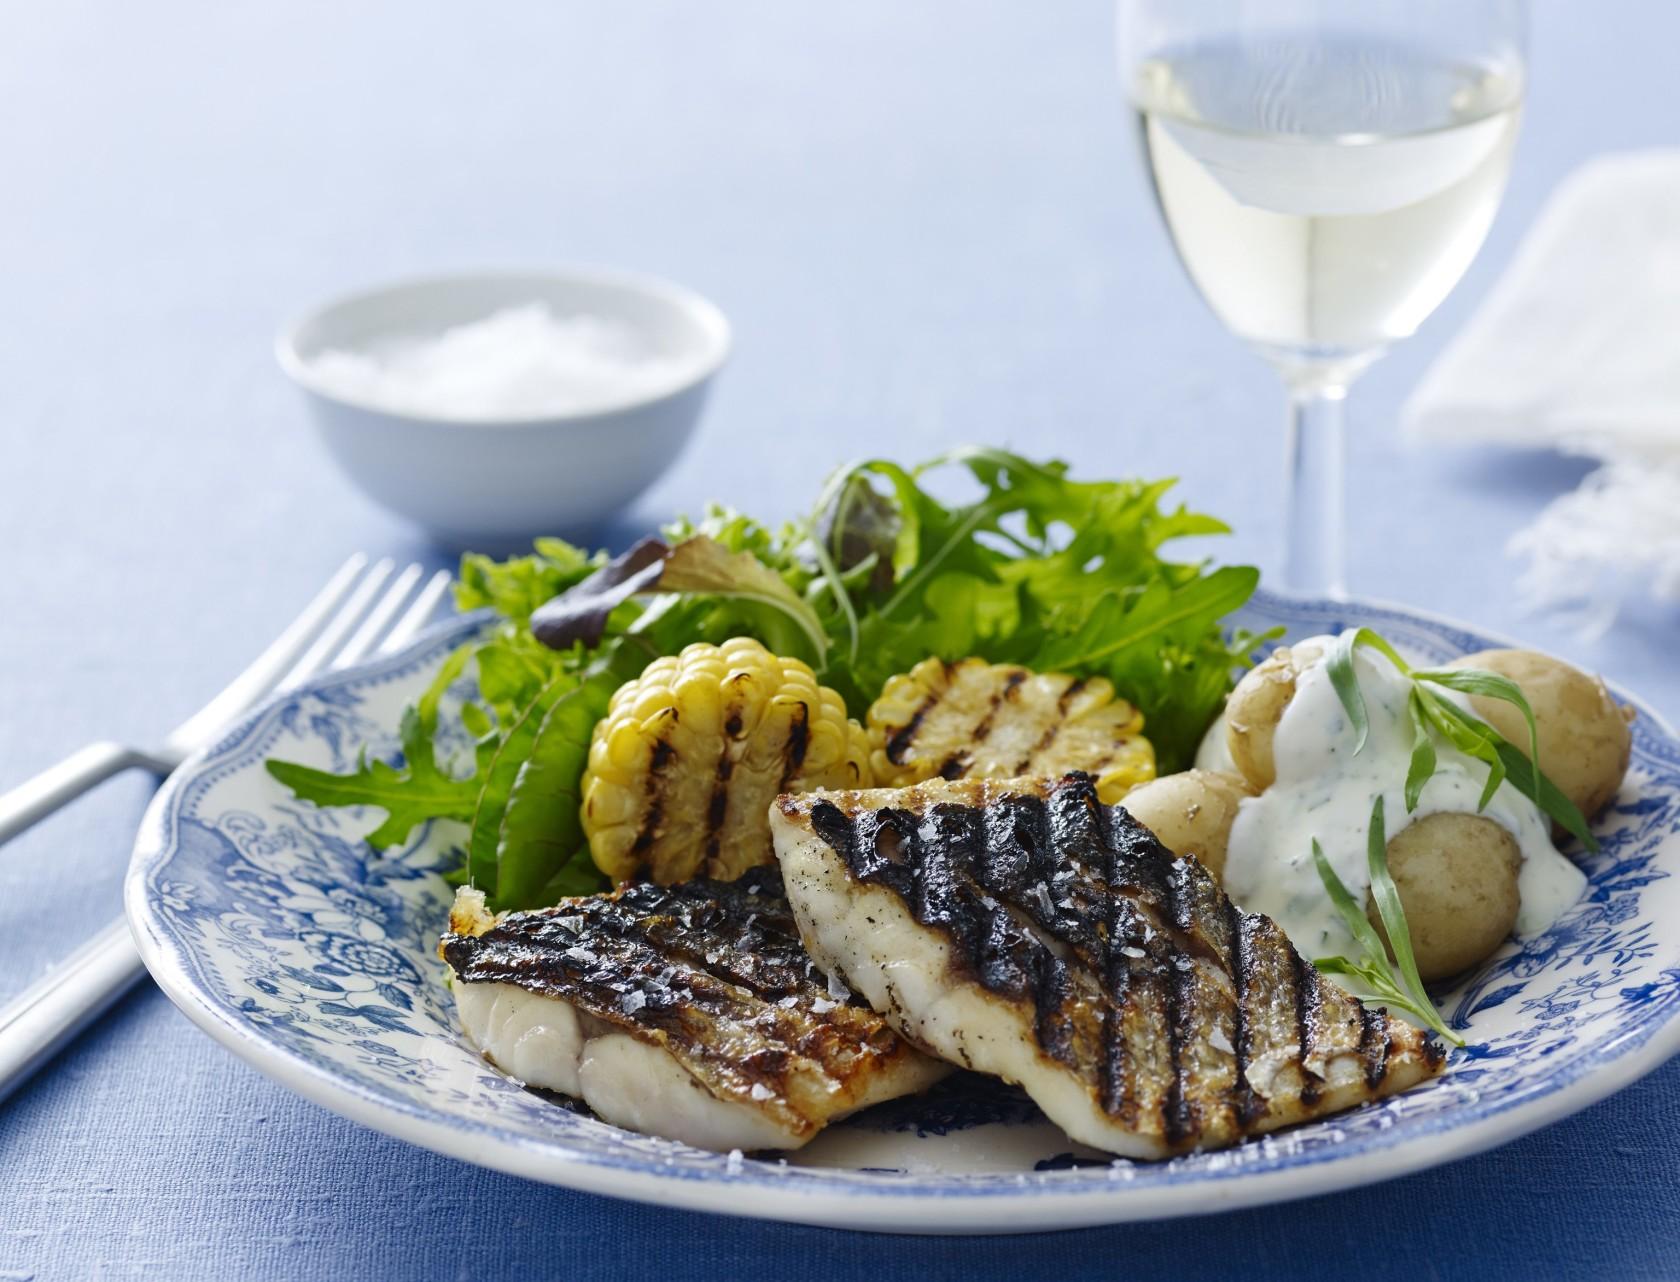 Grillet fisk med skind er supernemt at lave med denne opskrift!